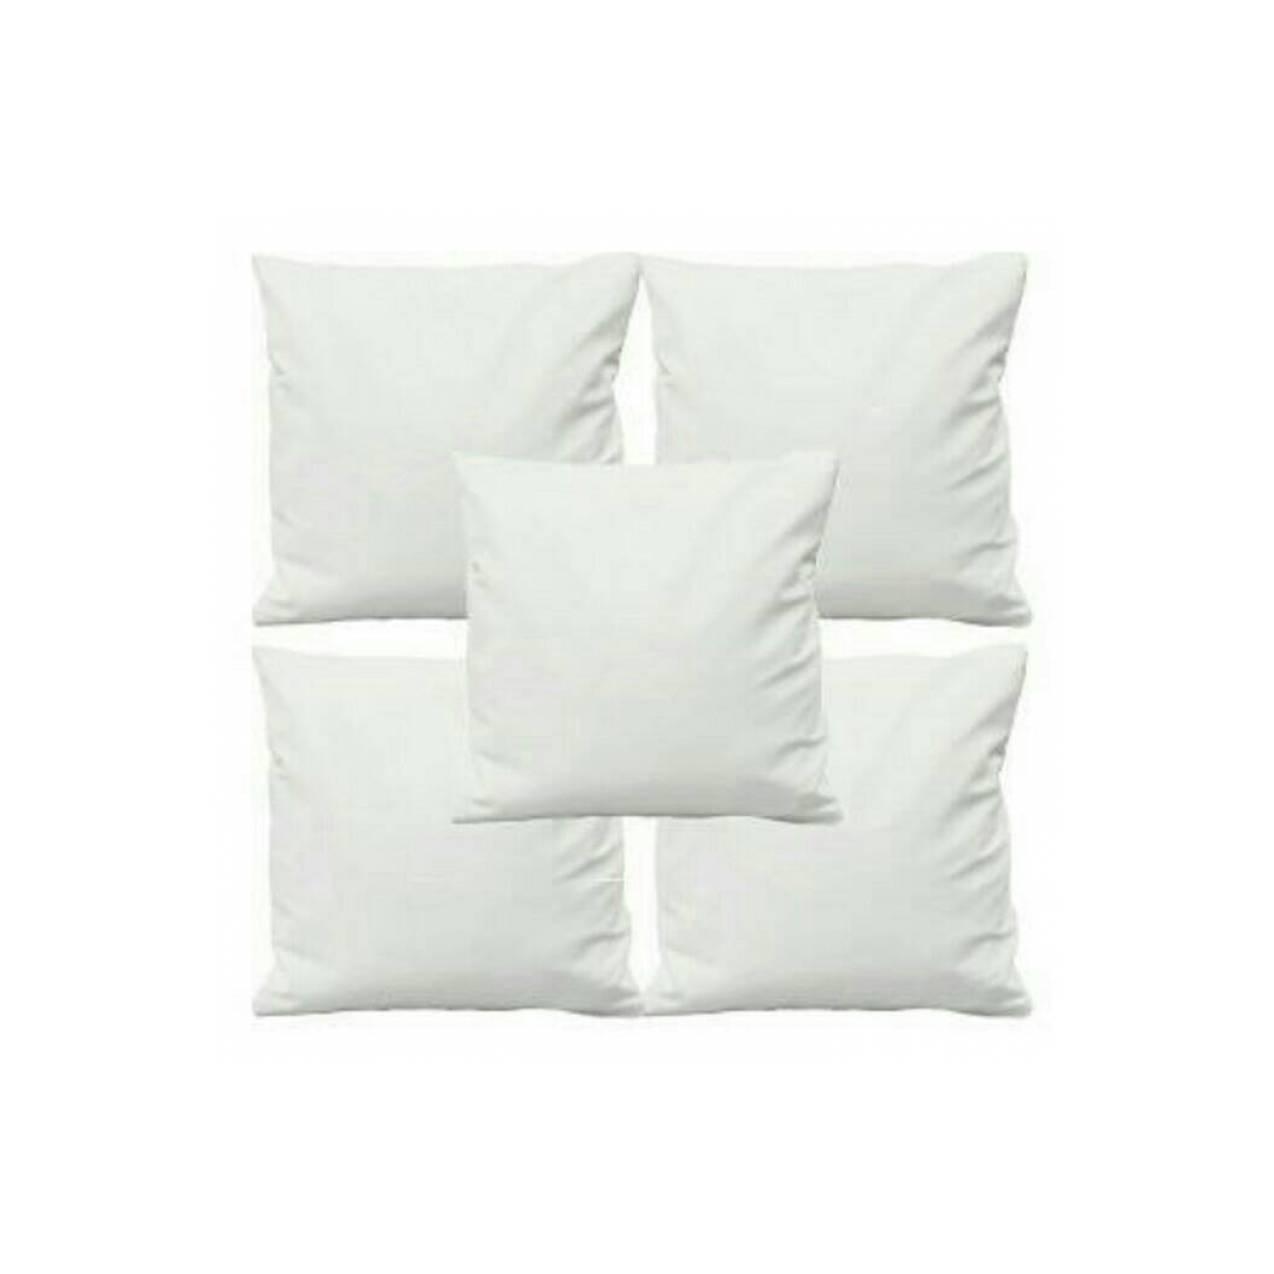 bantal cendra sofa 1 set 5 pcs murah